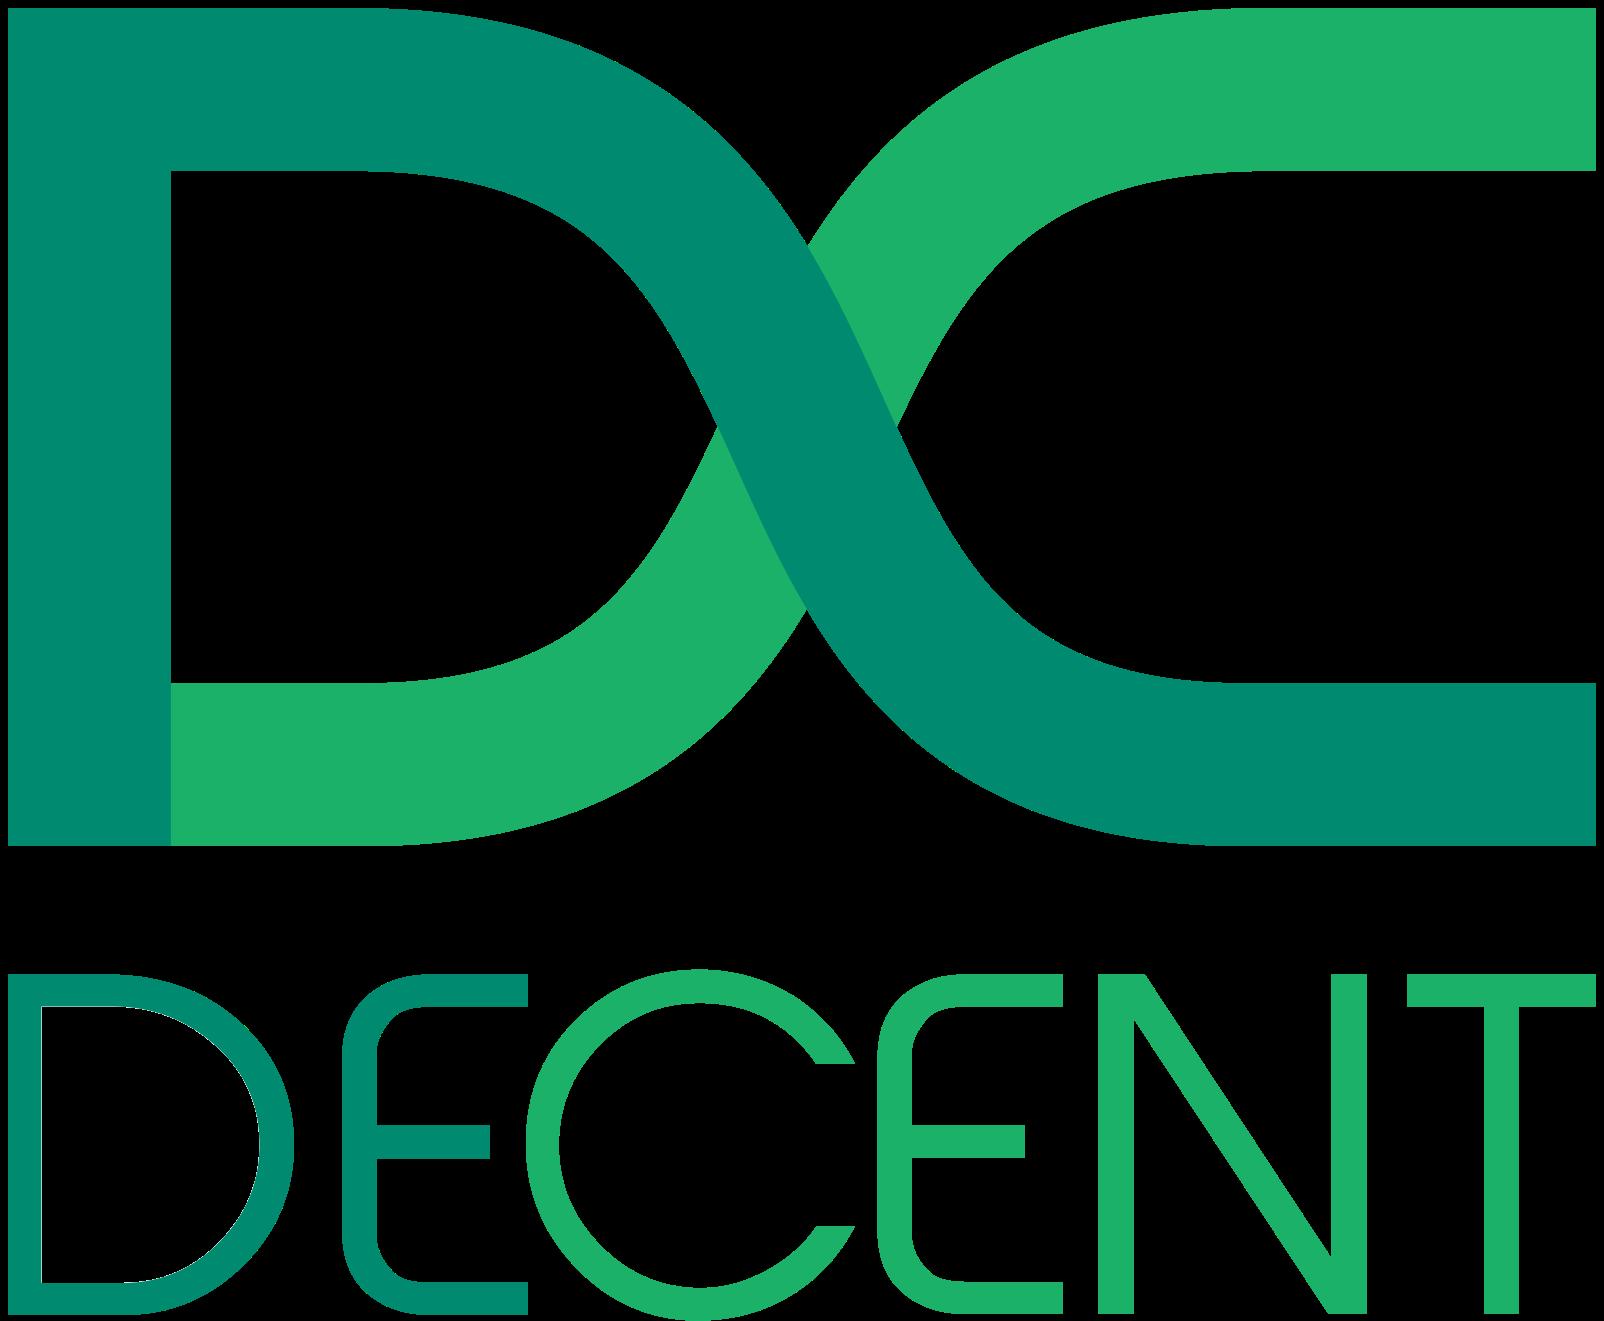 DECENT Coin Logo